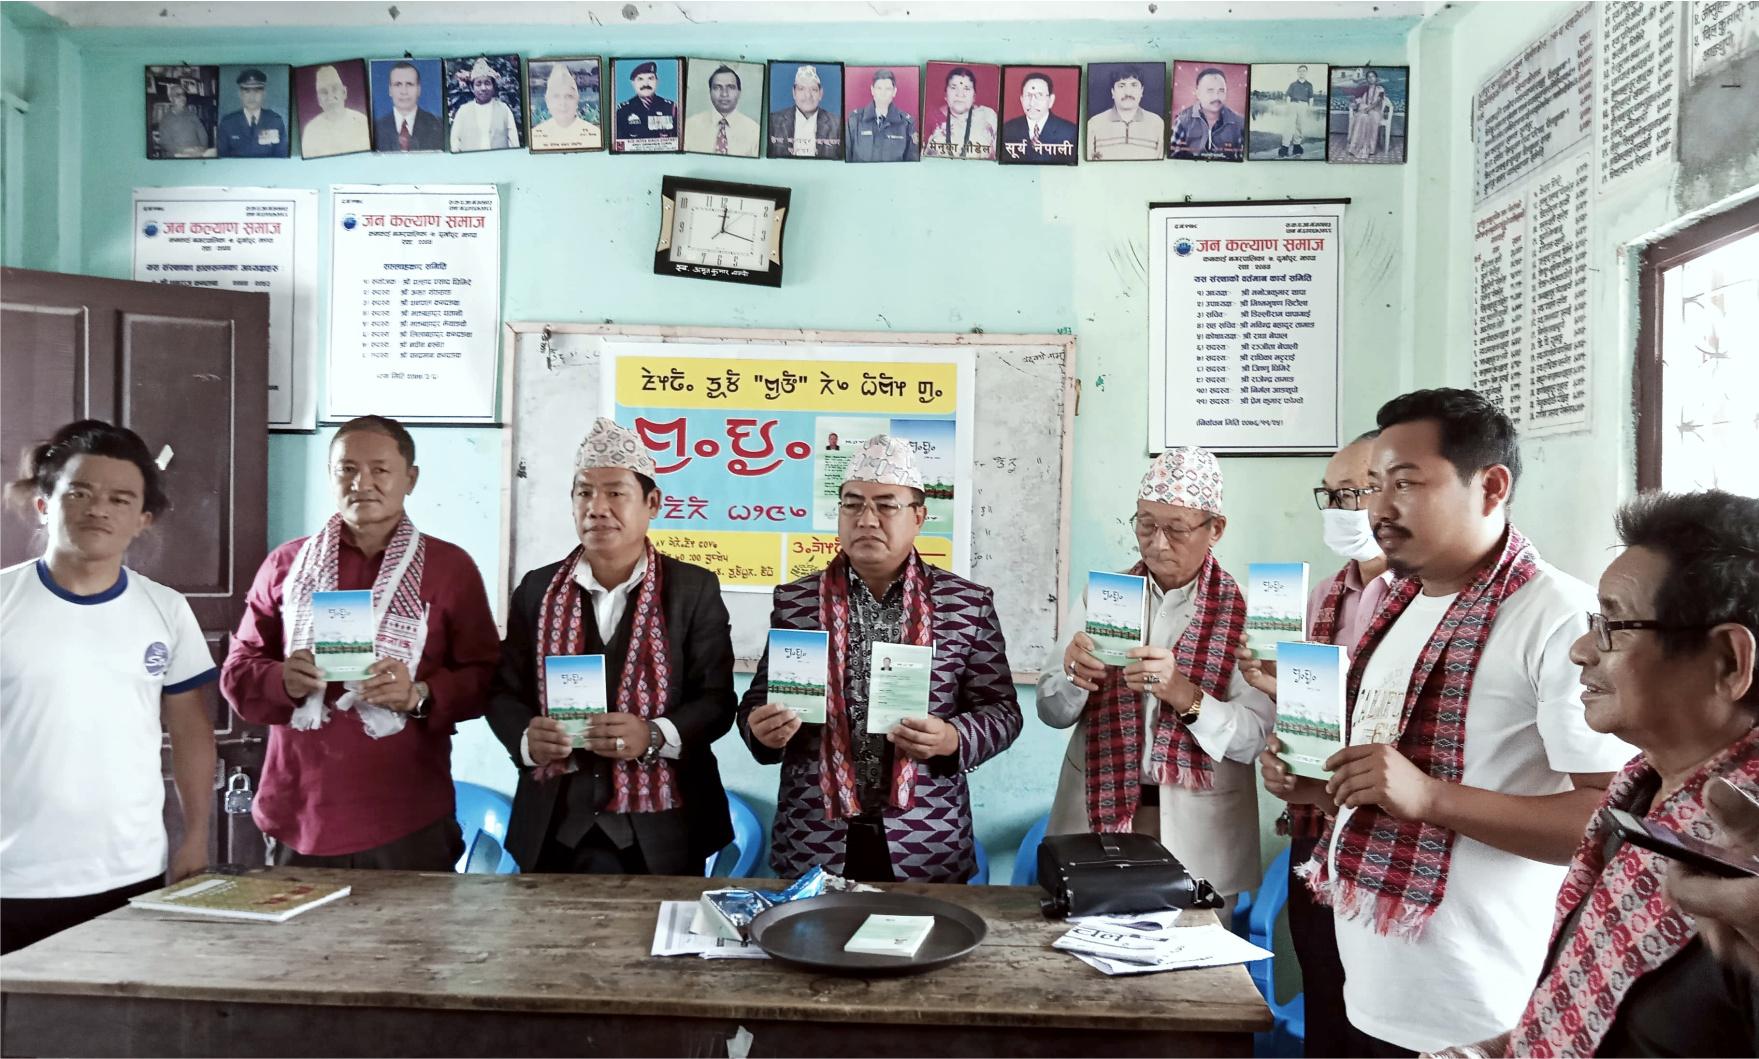 नेम्बाङ दुर्गाको 'लुङधुङ' पालाम सङग्रह बिमोचन